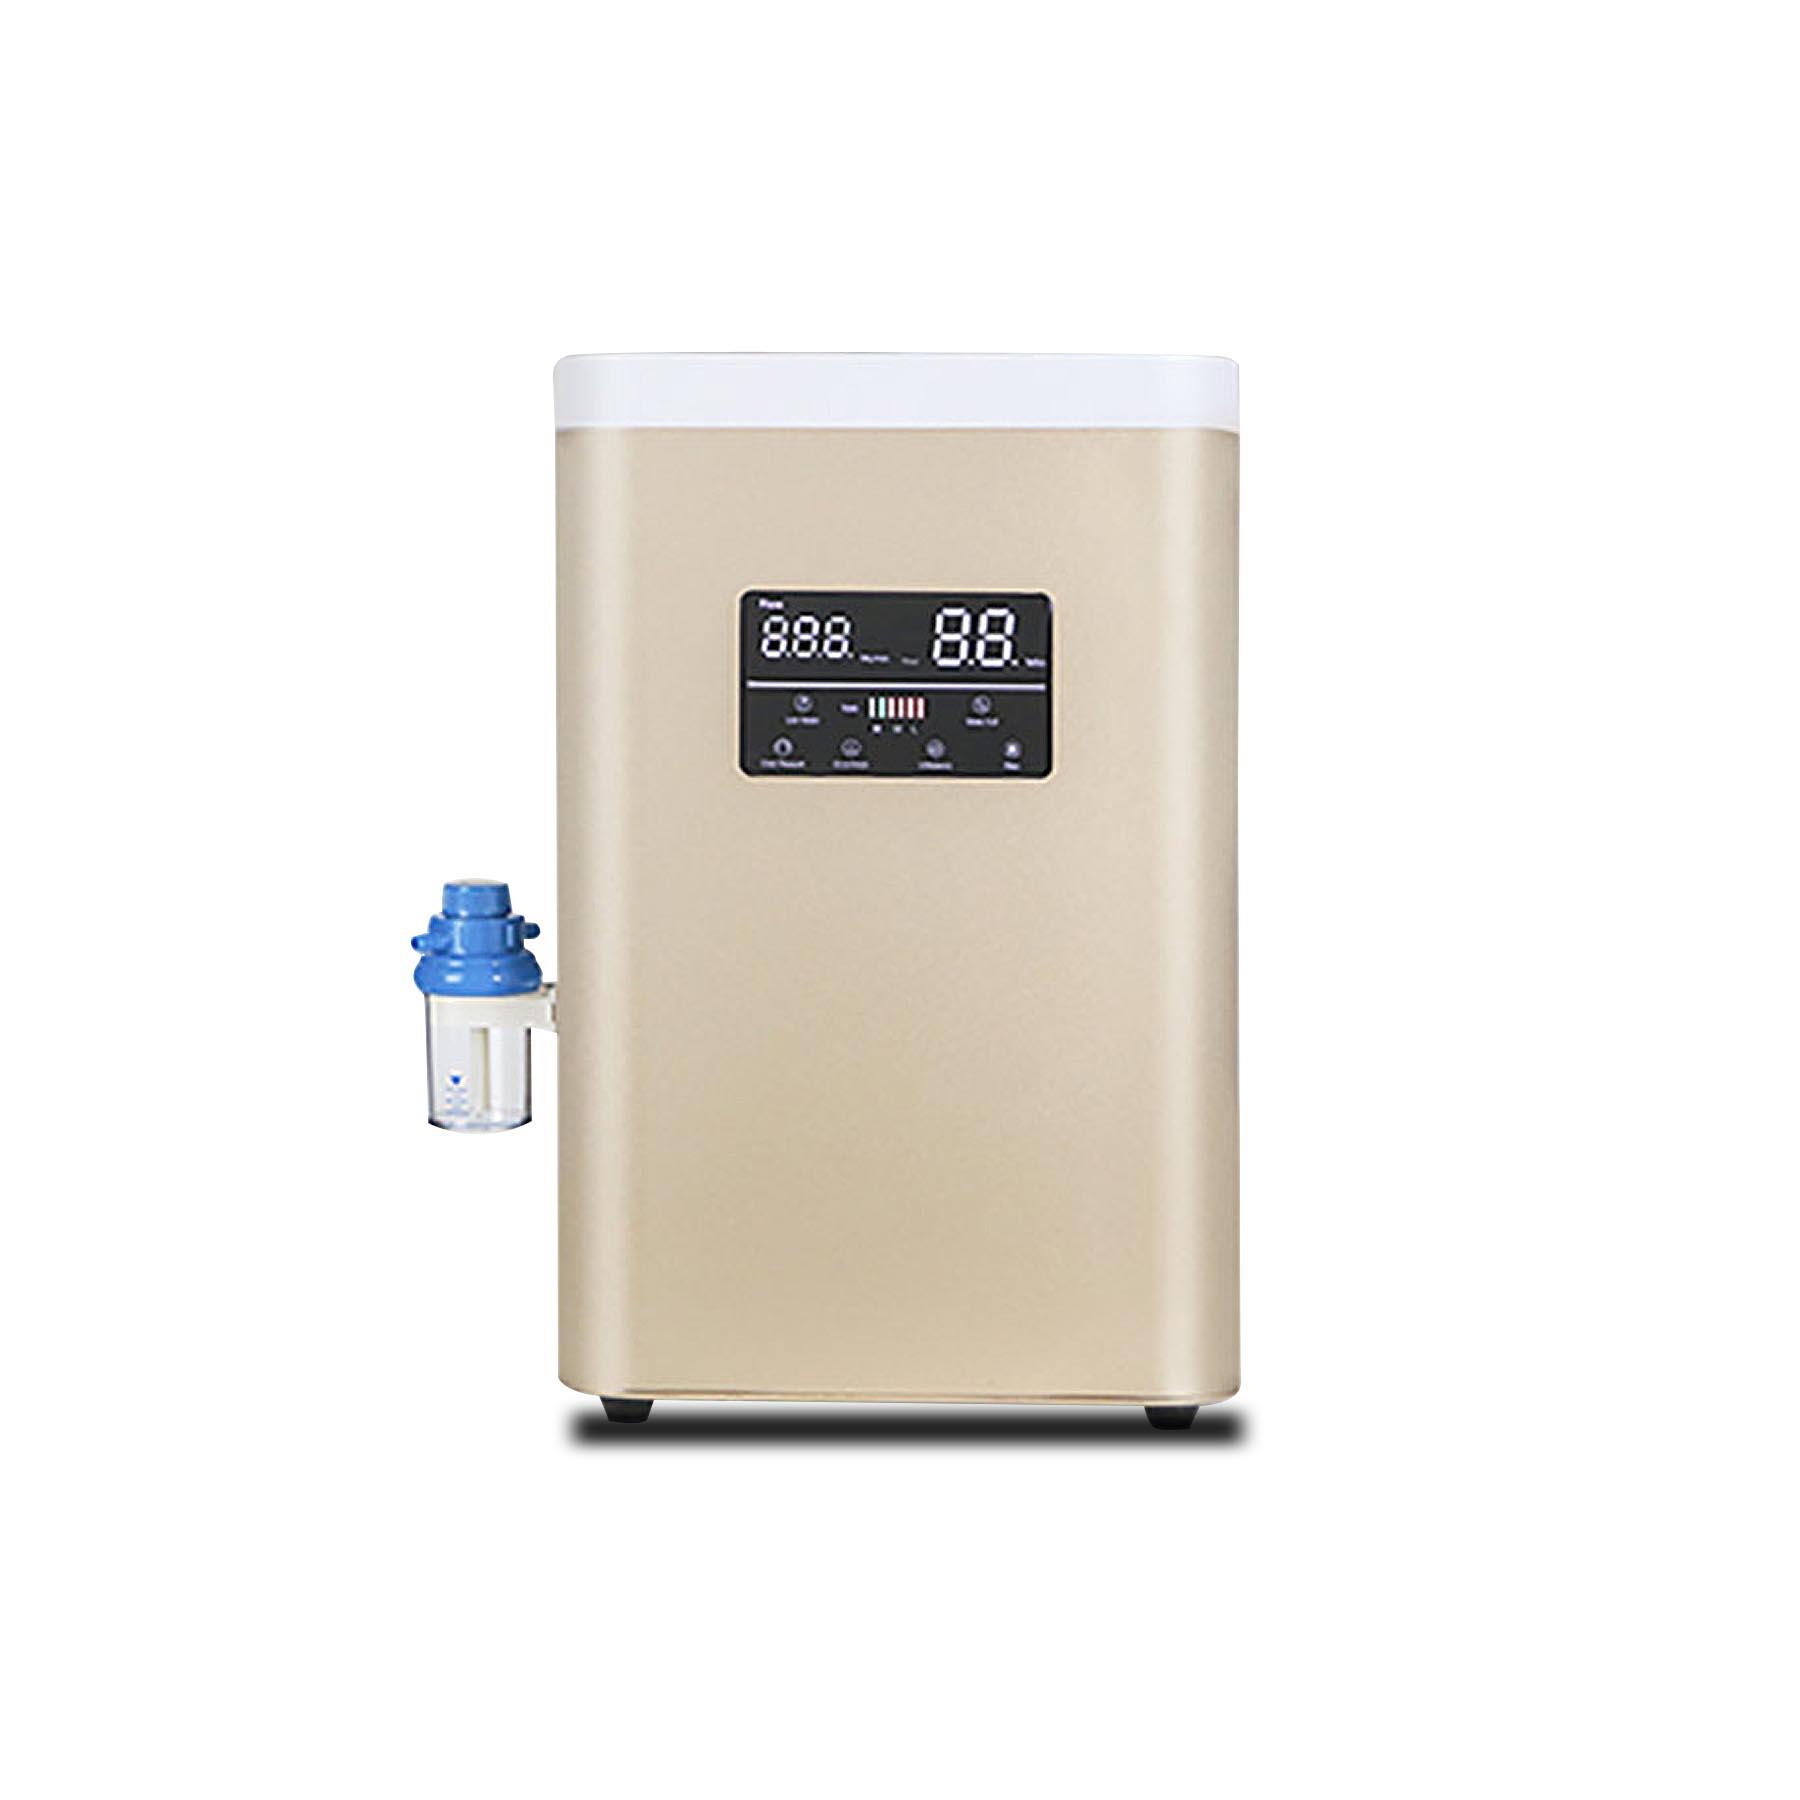 Hydrogen & Oxygen Inhalation